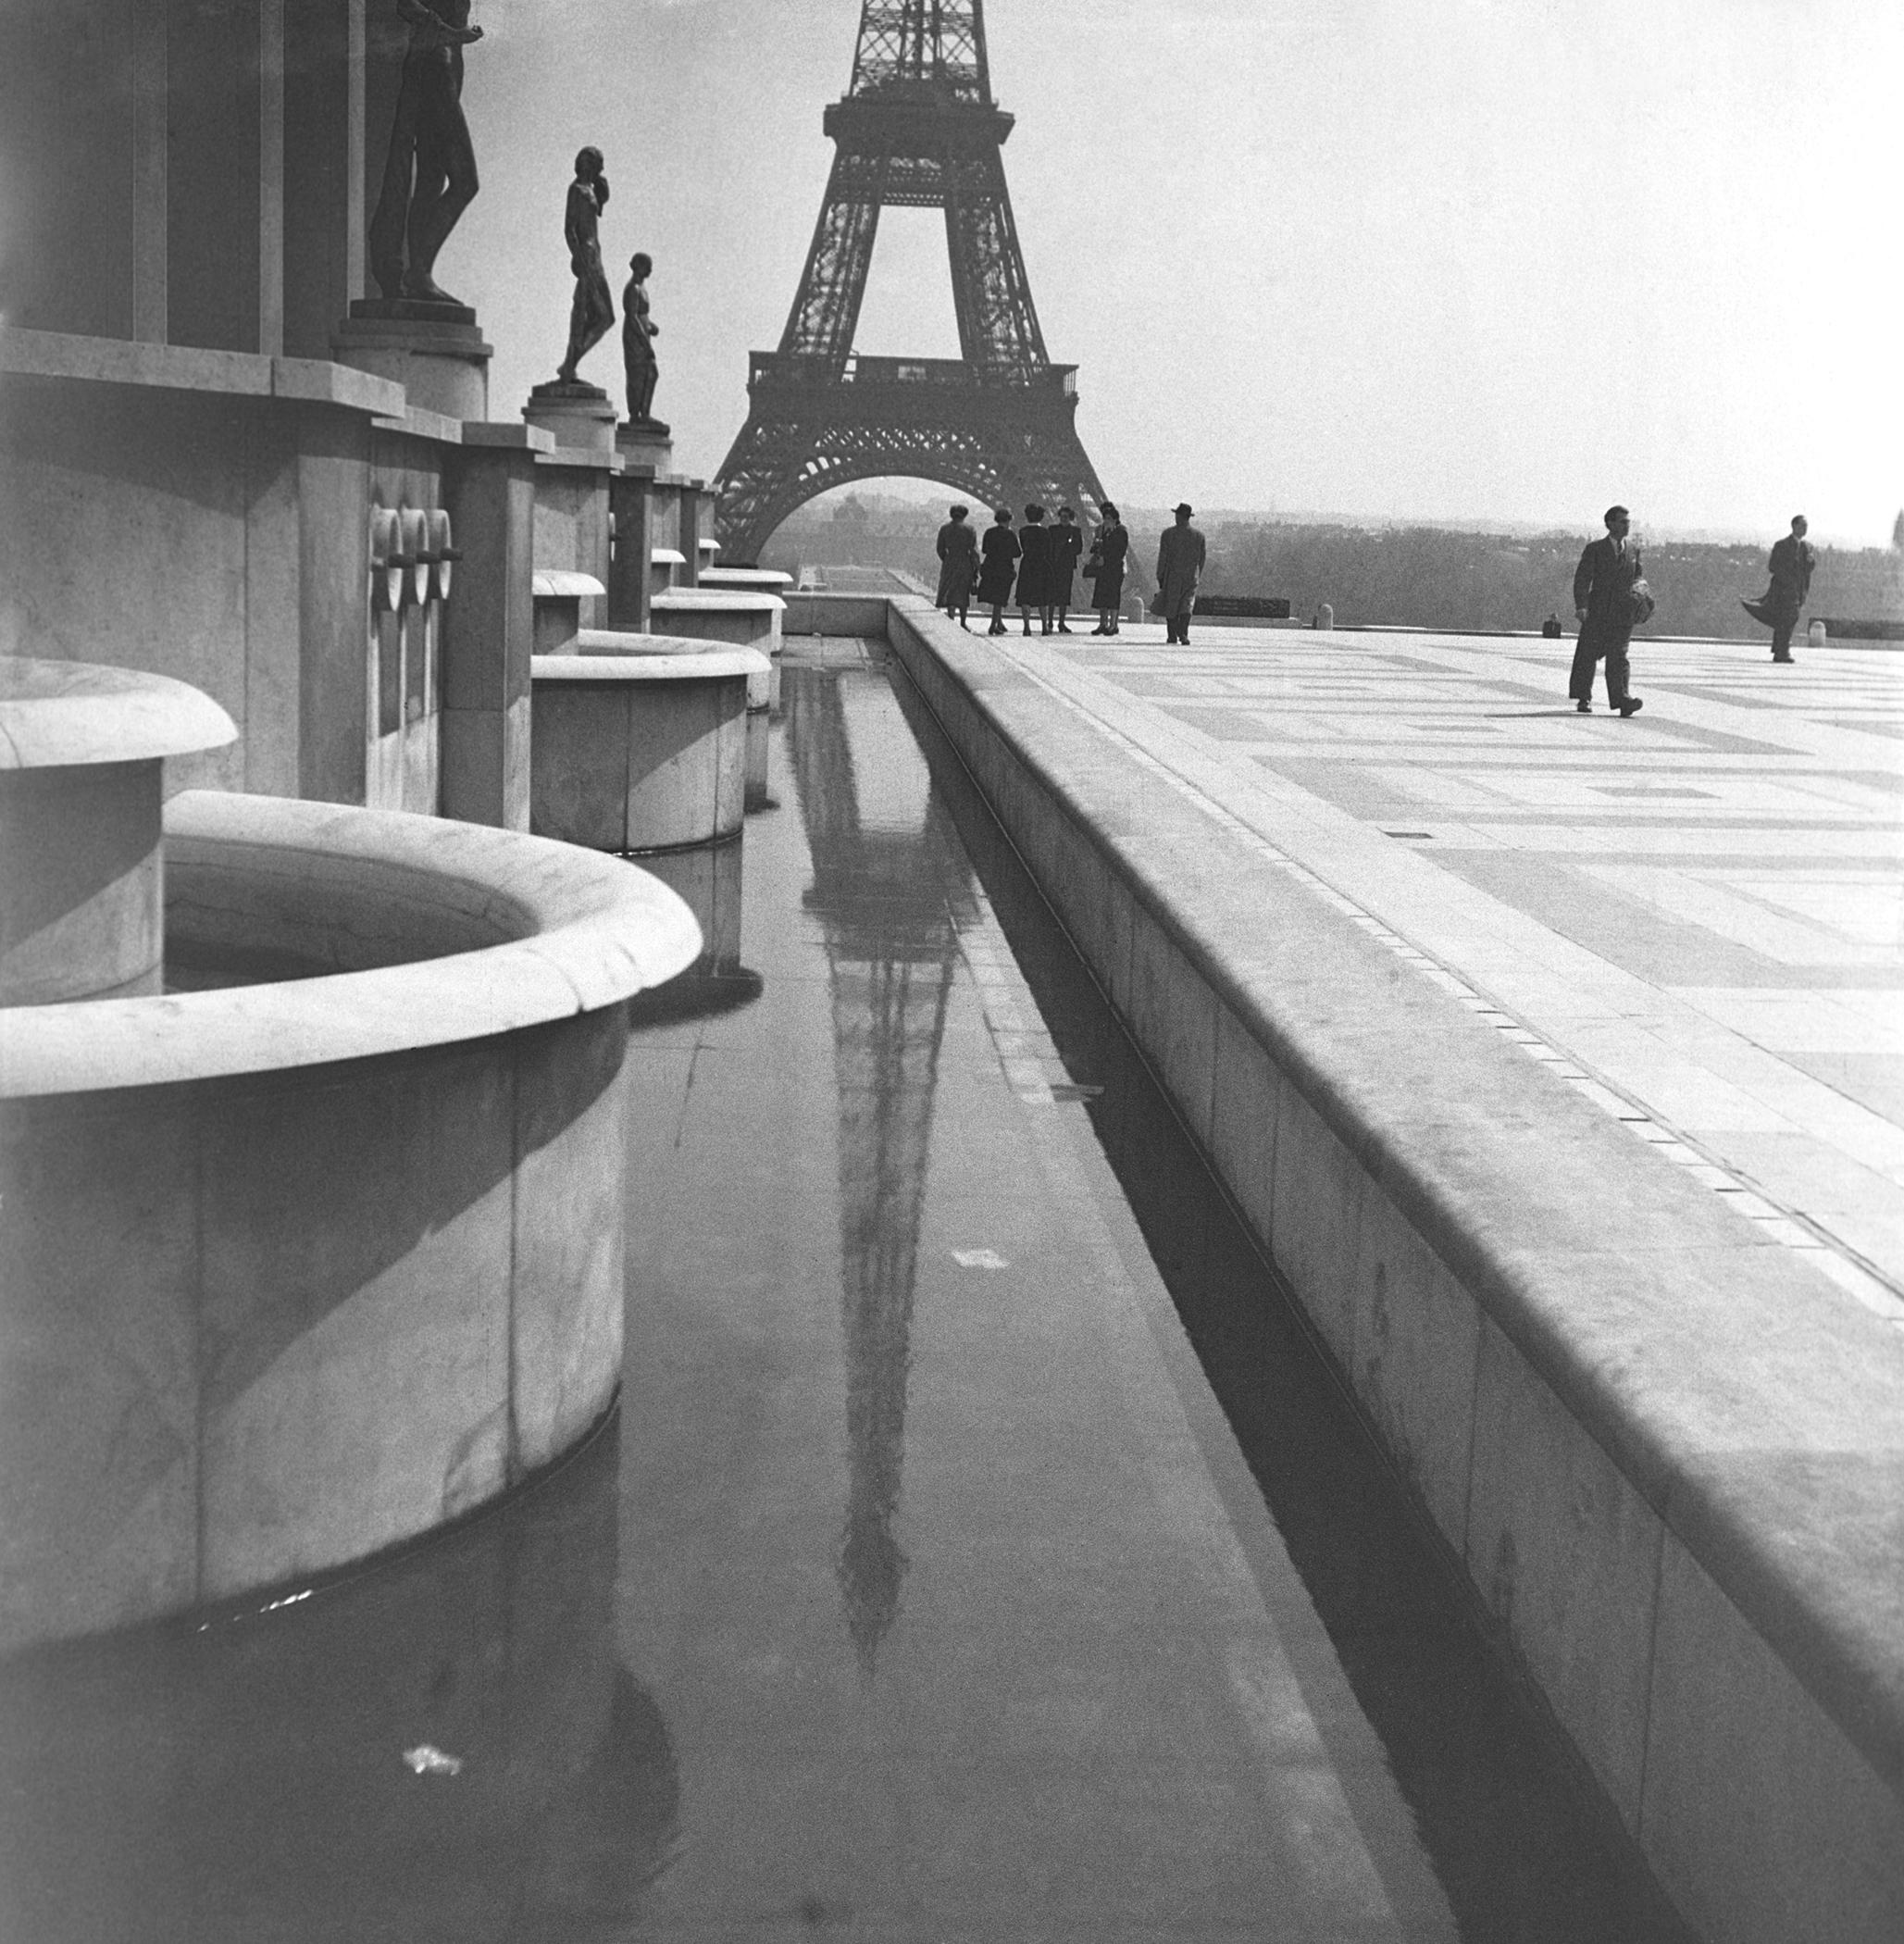 EIFFEL TOWER REFLECTION - 1948